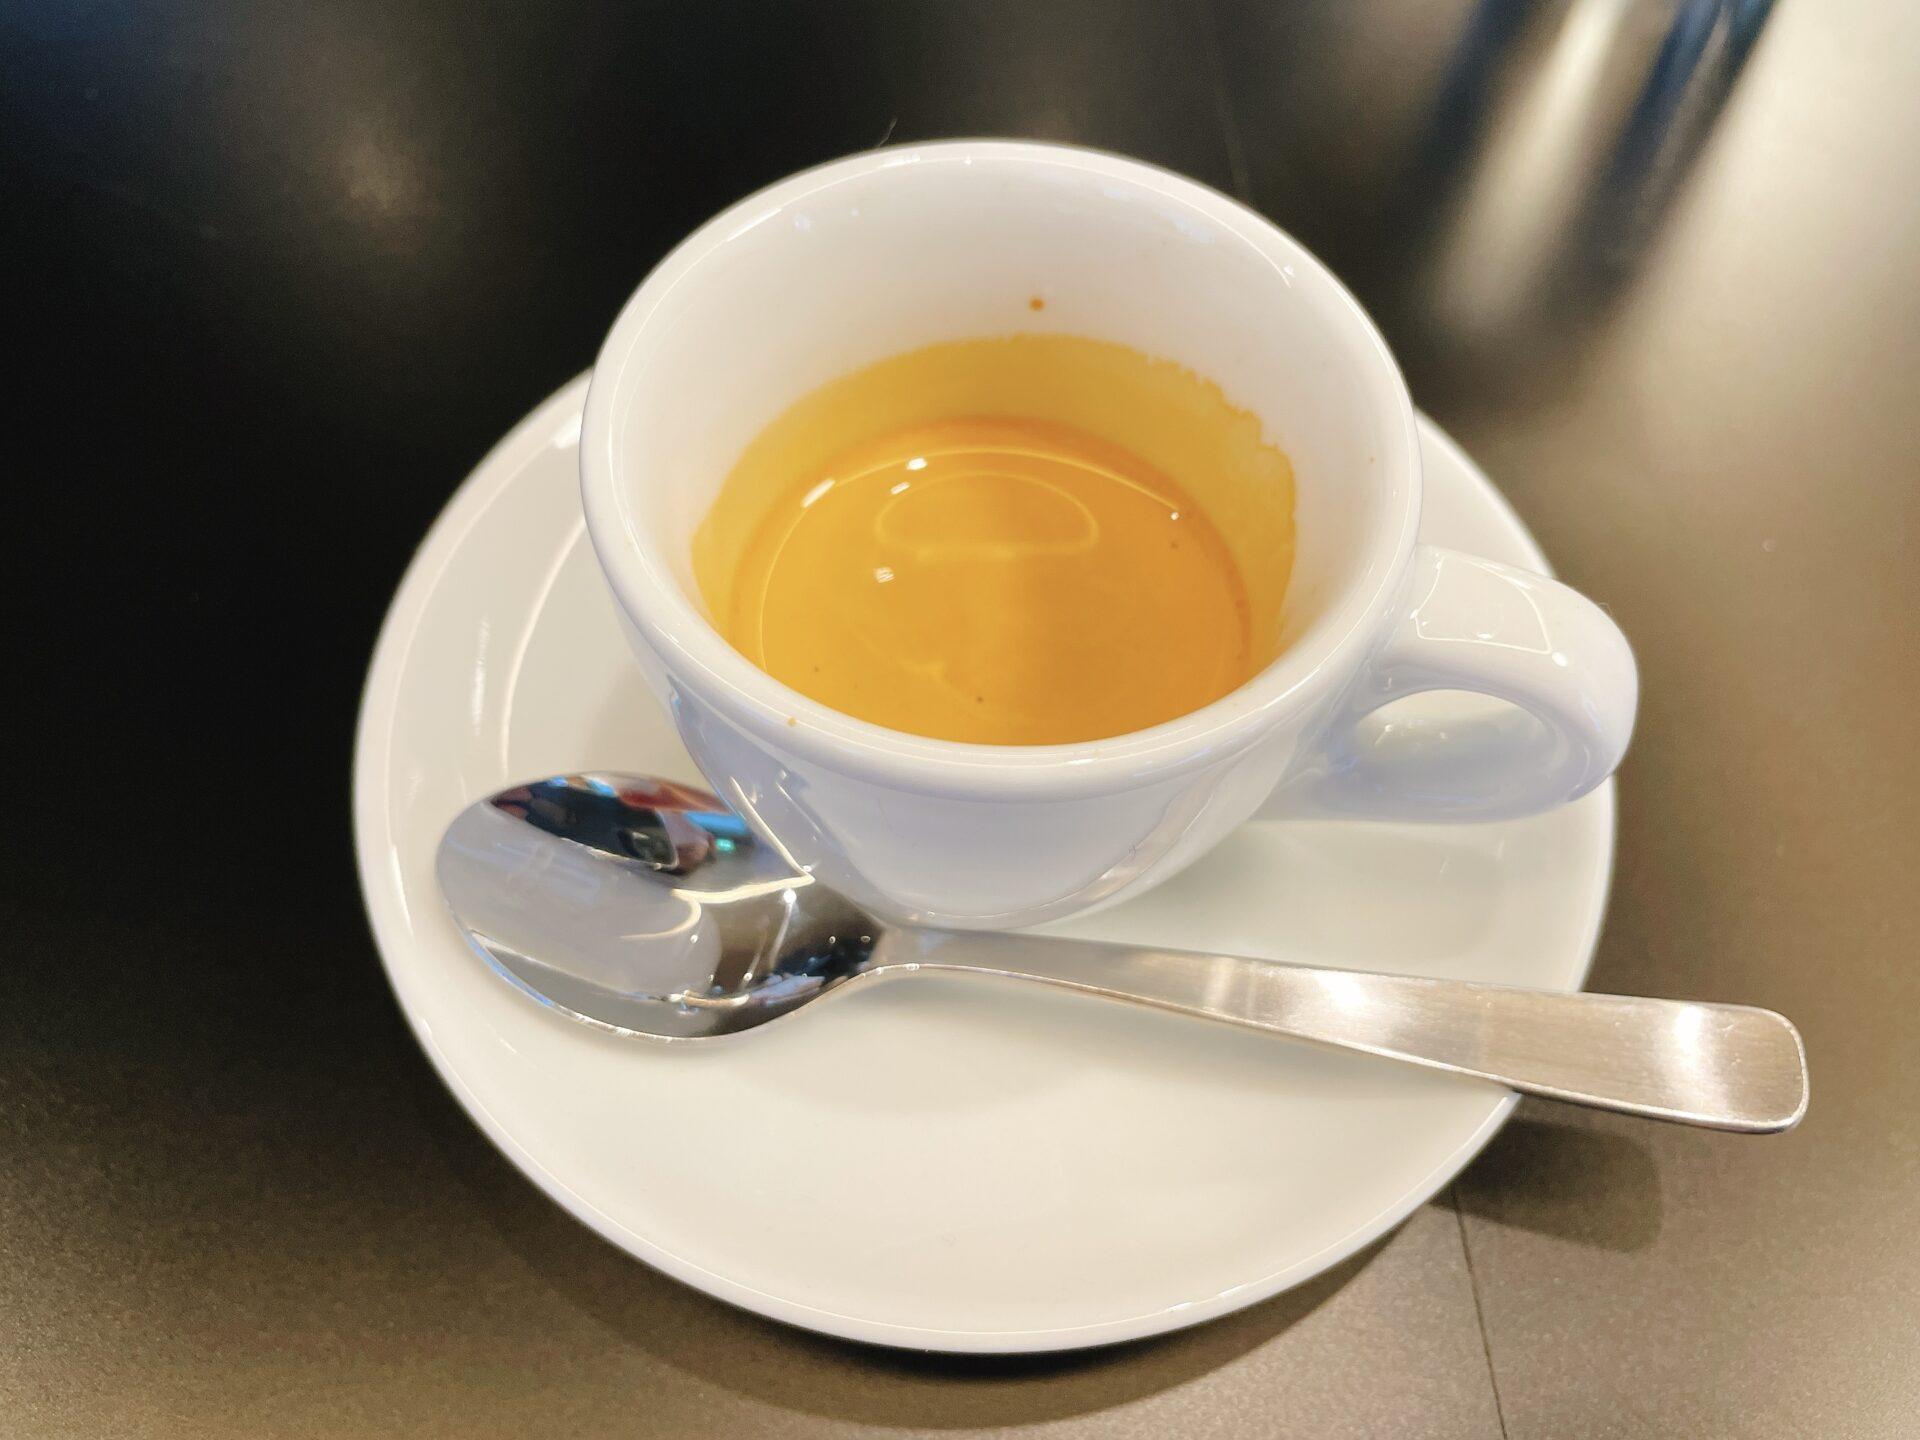 フグレンコーヒー羽根木のエスプレッソ